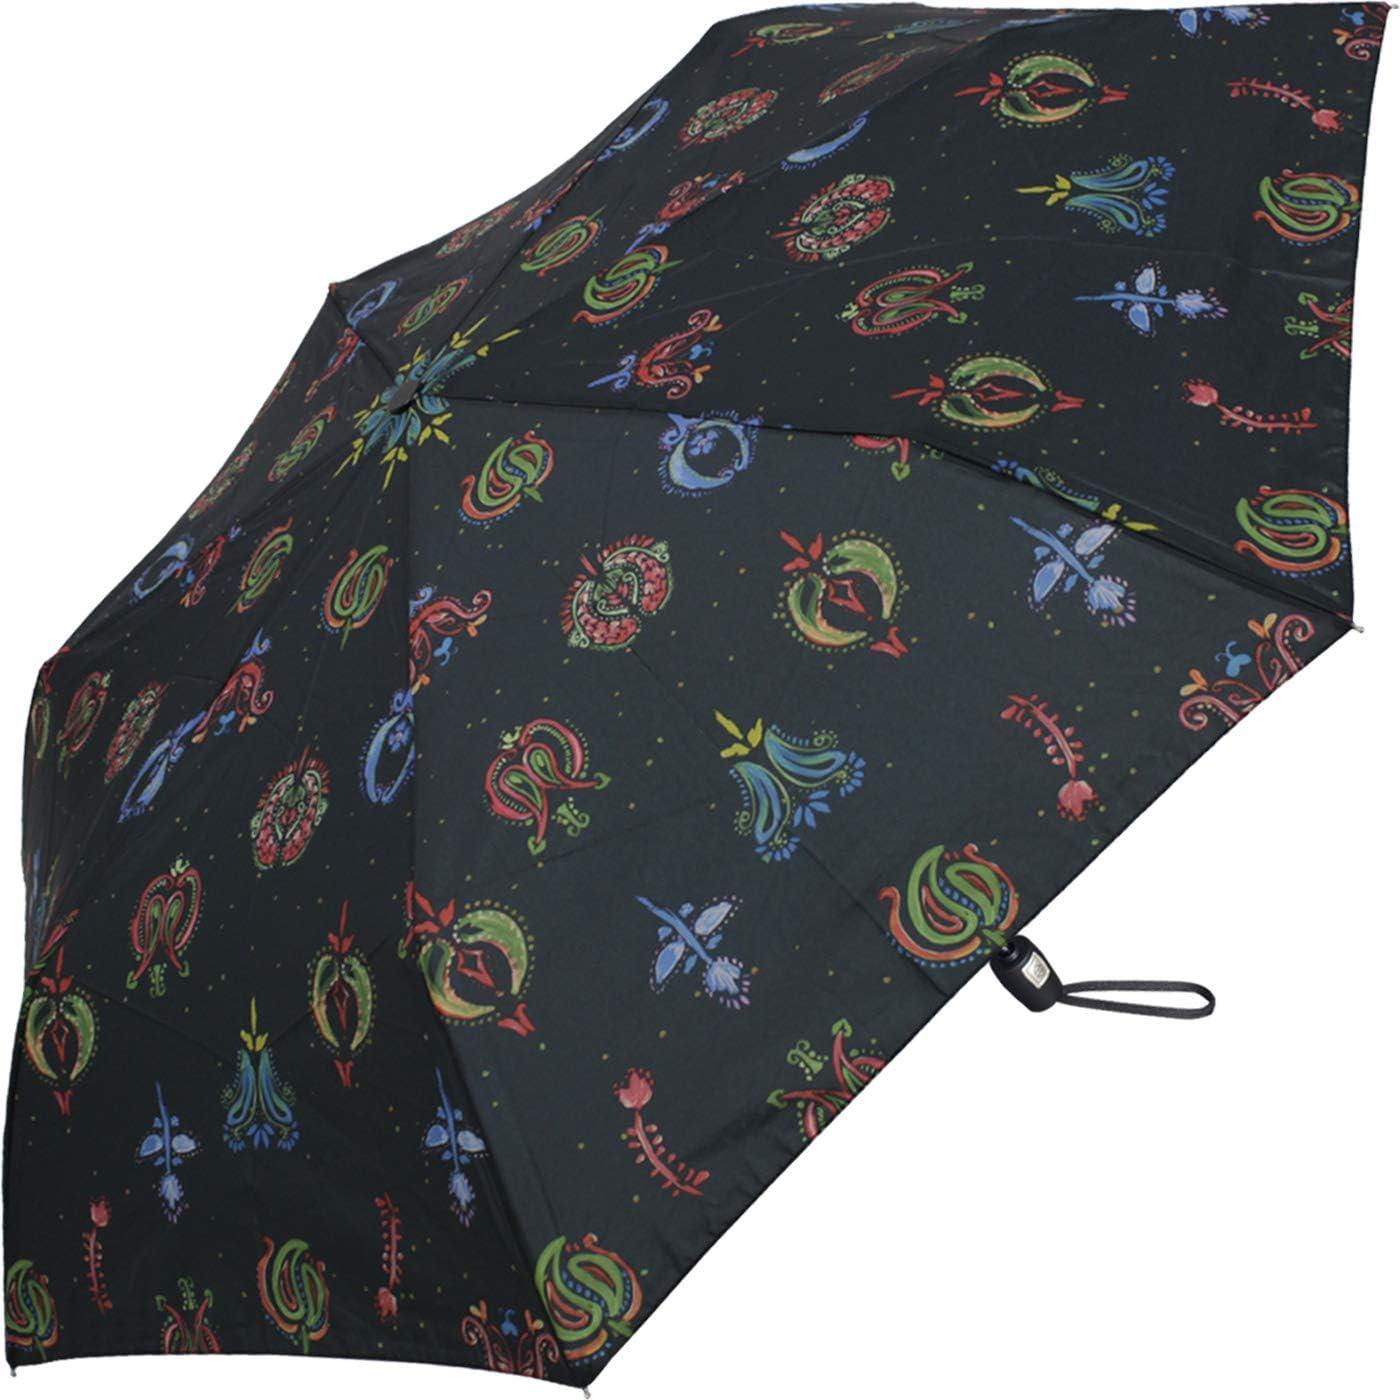 Pierre Cardin Parapluie pliants Femme Multicolore Fleurs 92 cm